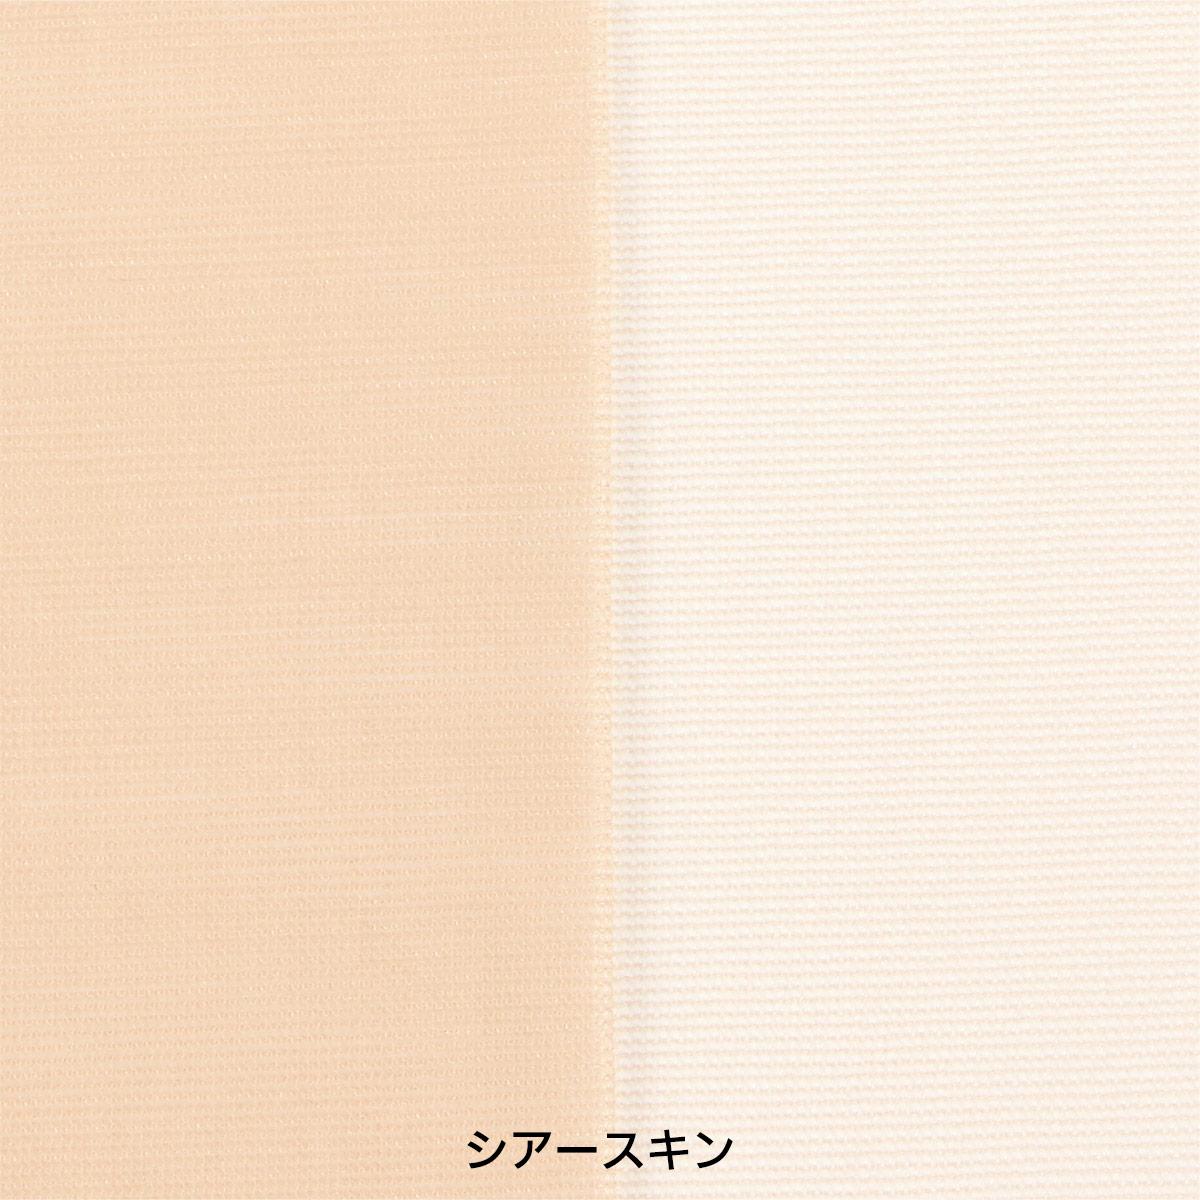 NAIGAI COMFORT ナイガイ コンフォート レディース ウエストゆったり ストッキング コンジュゲート 1003005【ゆうパケット・4点まで】